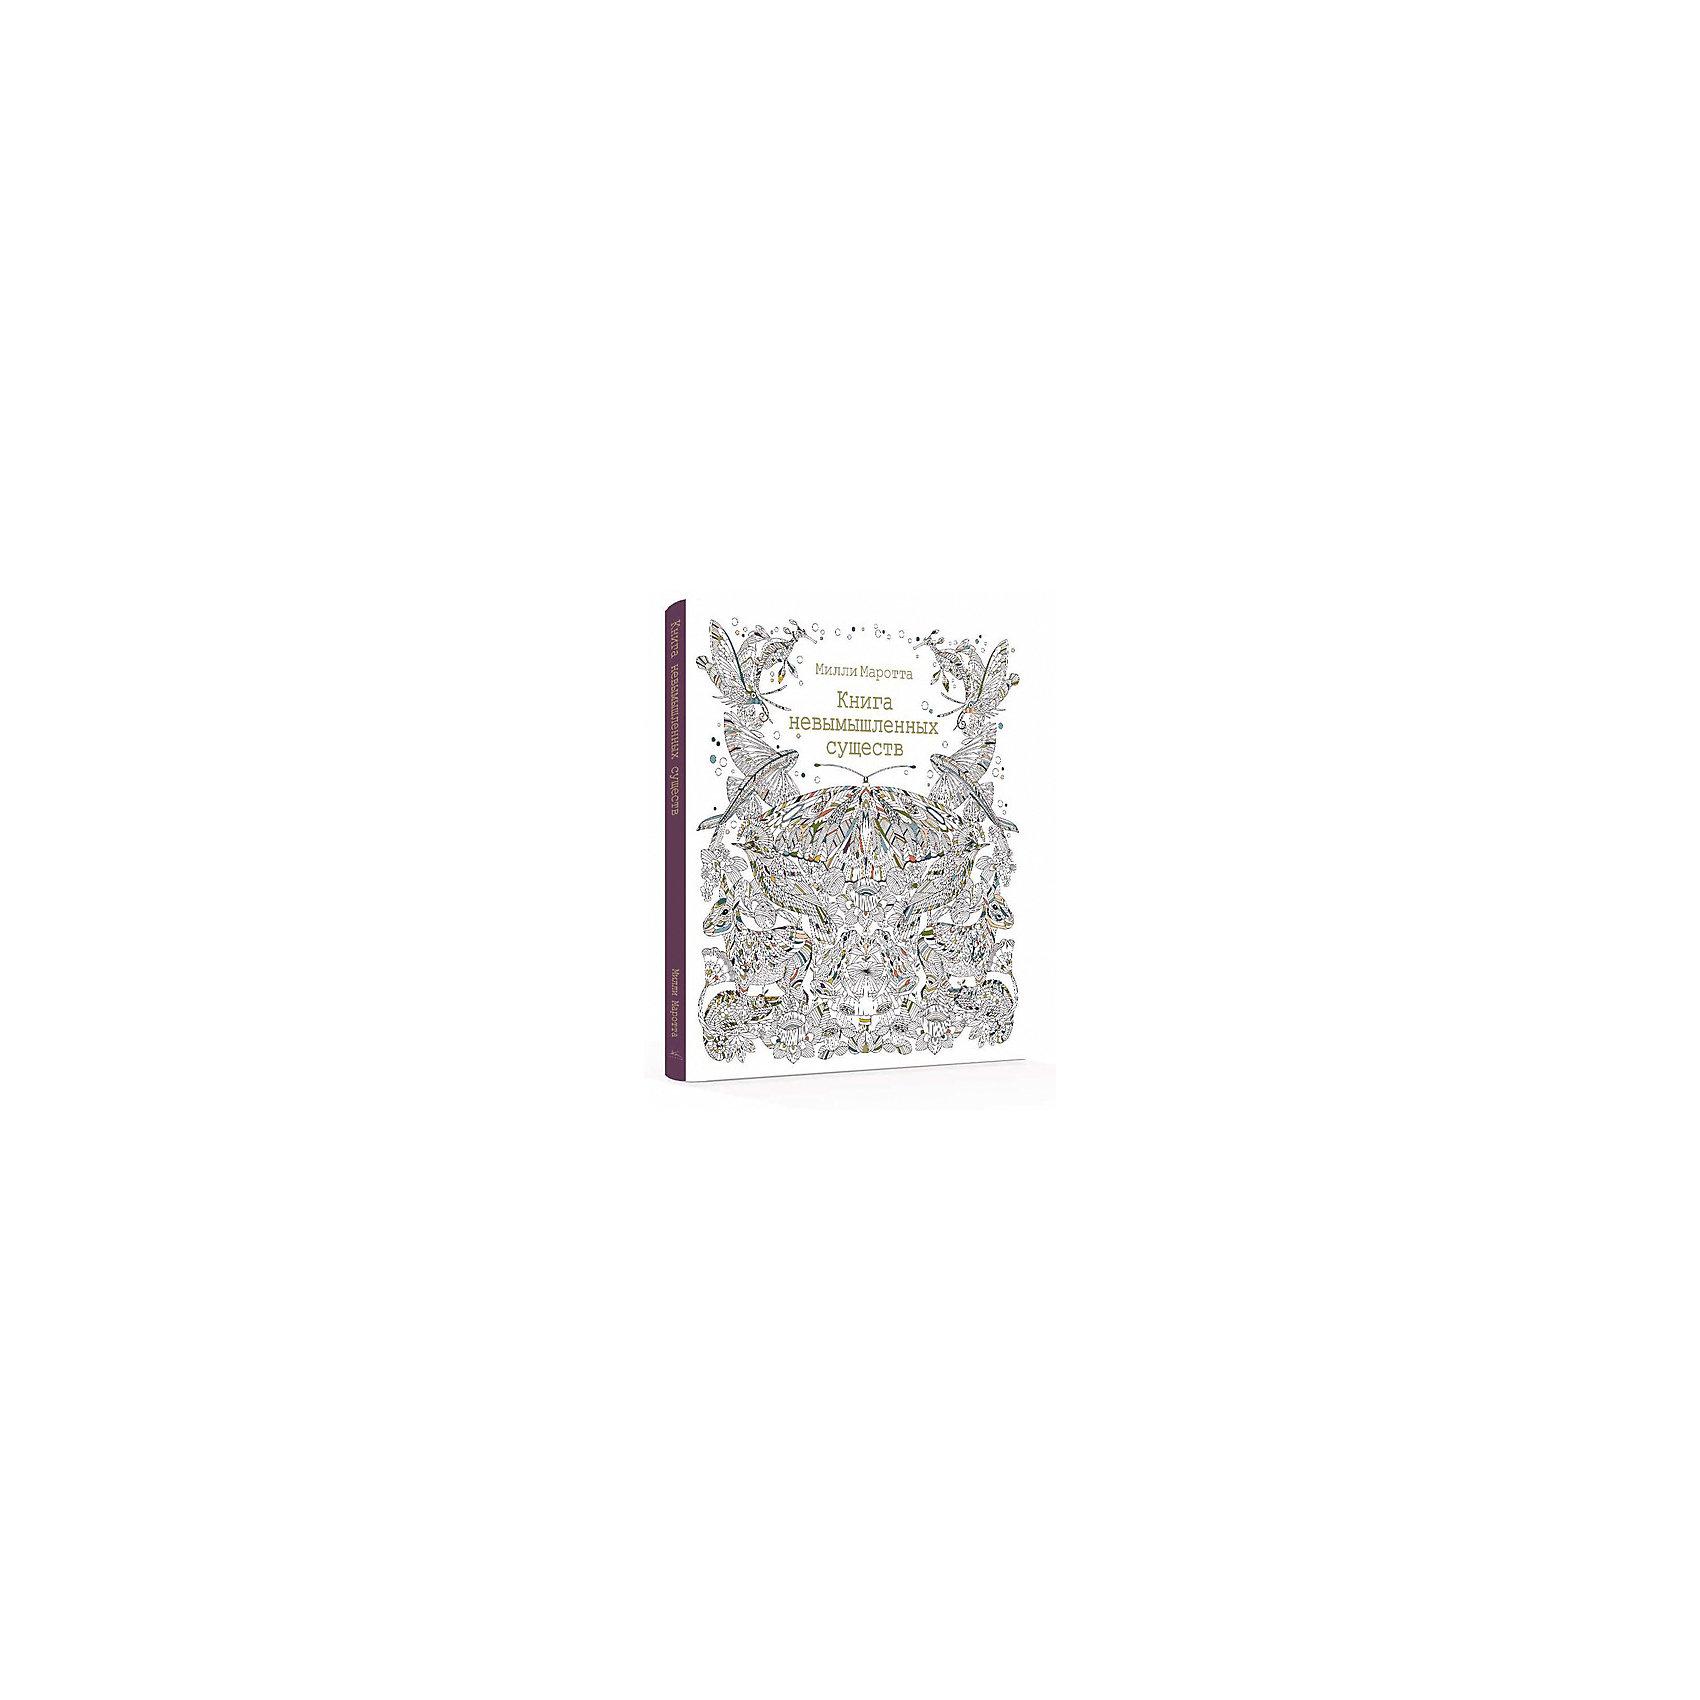 Раскраска-антистресс Книга невымышленных существ, MACHAONРисование<br>Книга невымышленных существ.<br><br>Характеристики:<br><br>• Художник: Маротта Милли<br>• Издательство: КоЛибри<br>• Тип обложки: мягкая обложка<br>• Иллюстрации: черно-белые<br>• Количество страниц: 96 (офсет)<br>• Размер: 250x250х9 мм.<br>• Вес: 424 гр.<br>• ISBN: 9785389123410<br><br>В этой книге Милли Маротта предлагает раскрасить самых удивительных и невероятных животных, живущих на Земле. Золотоволосый пингвин и волшебная летучая рыбка, сонный ленивец и хохлатый дикобраз – оживите этих замечательных существ. Обретите блаженное спокойствие и несравненную радость творческого времяпрепровождения. Все, что вам нужно, – ручки, карандаши и немного воображения.<br><br>Книгу невымышленных существ можно купить в нашем интернет-магазине.<br><br>Ширина мм: 250<br>Глубина мм: 250<br>Высота мм: 90<br>Вес г: 424<br>Возраст от месяцев: 144<br>Возраст до месяцев: 2147483647<br>Пол: Унисекс<br>Возраст: Детский<br>SKU: 5493539